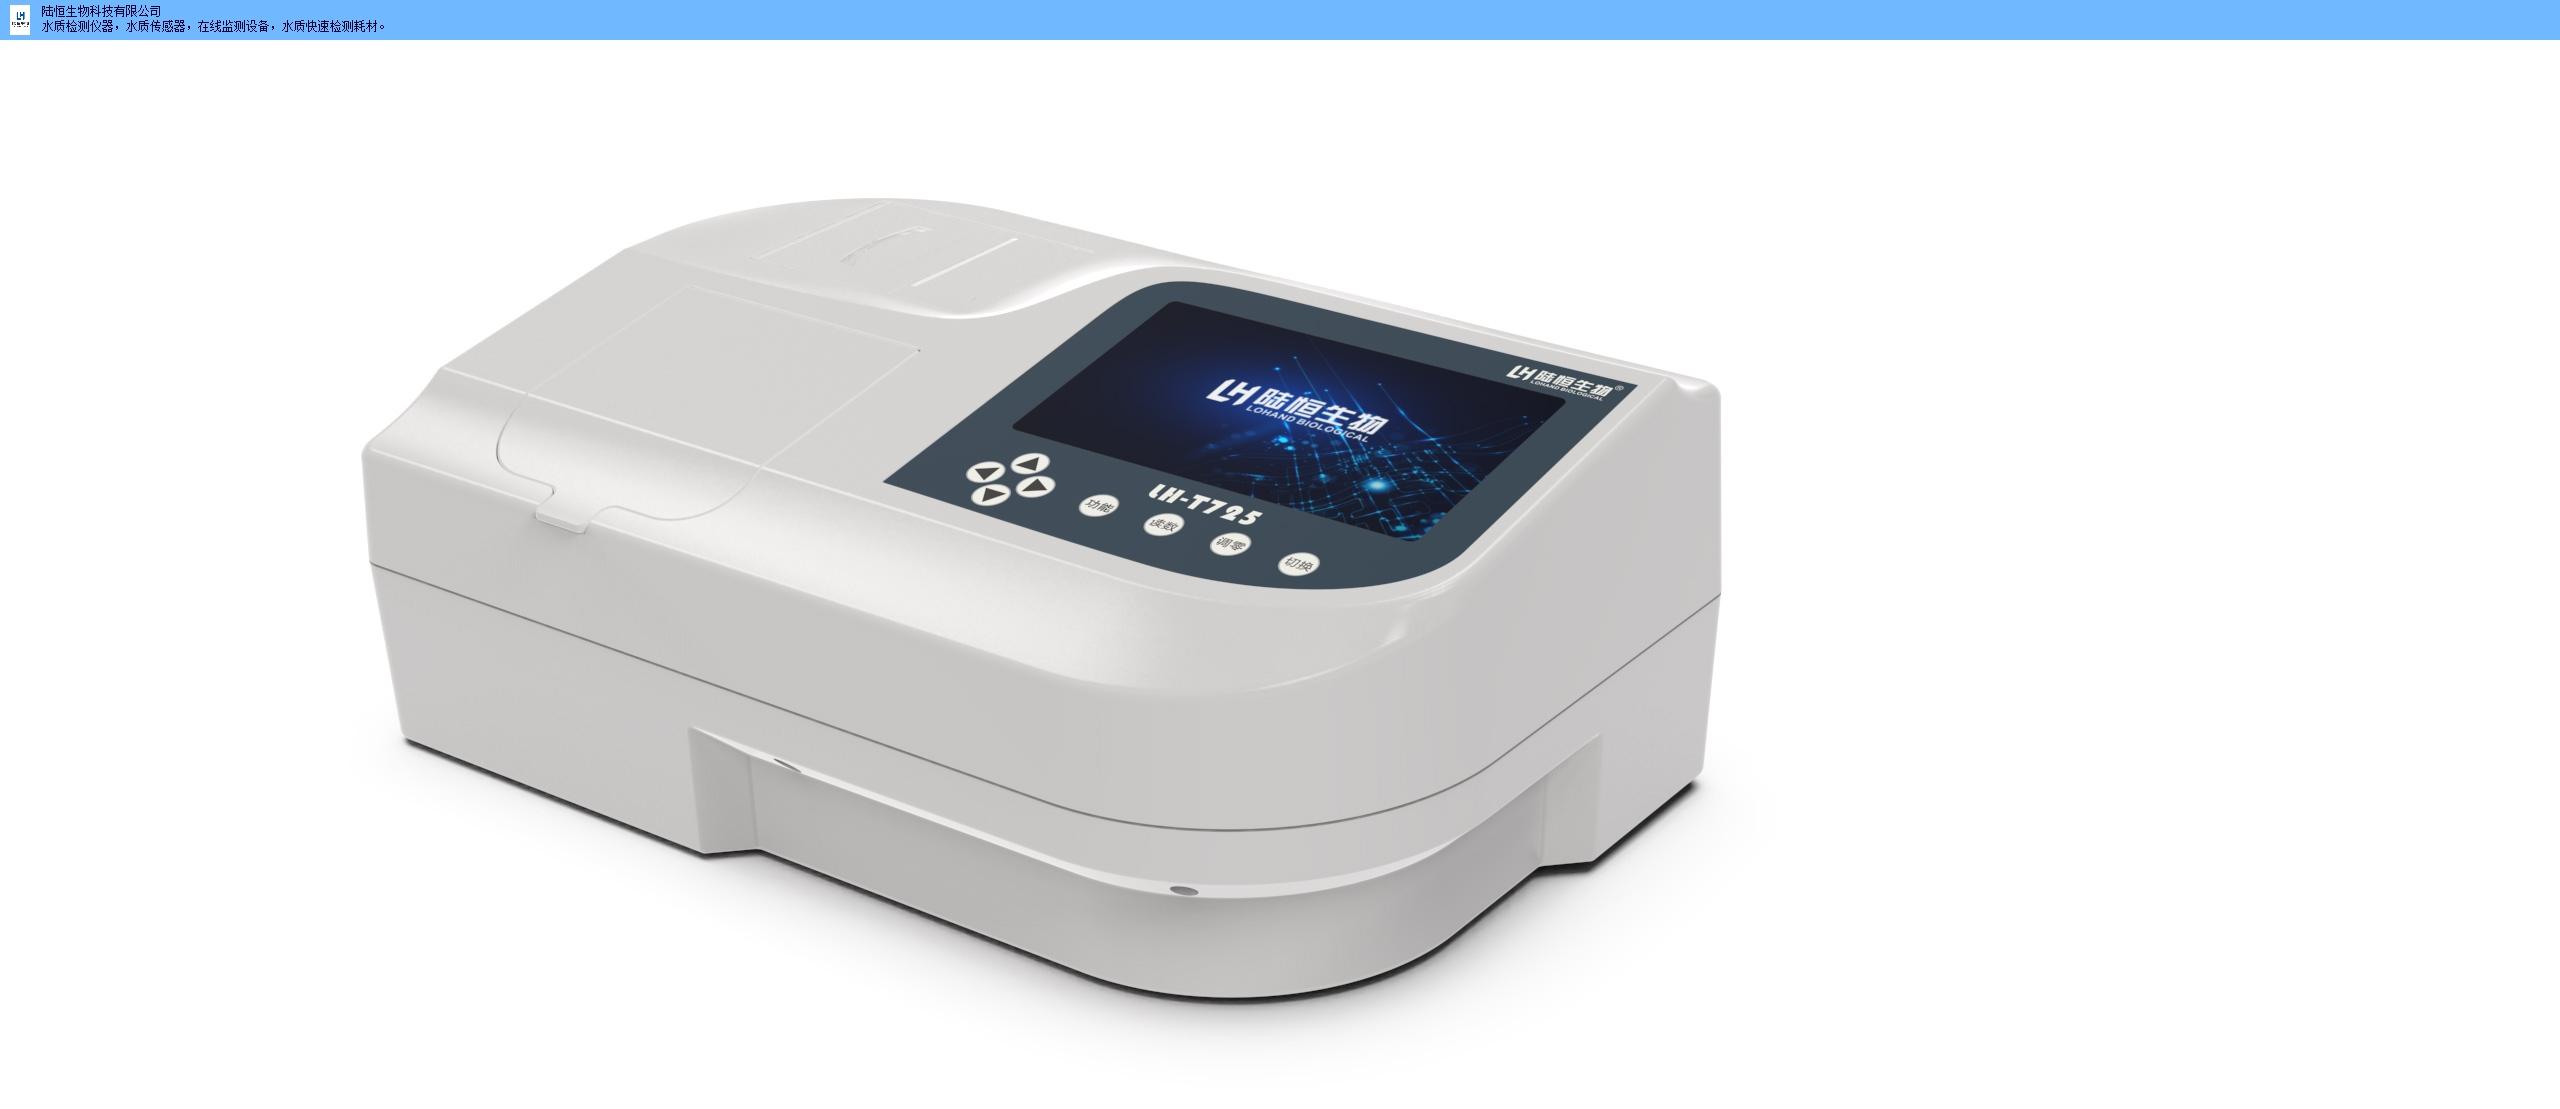 杭州多功能COD检测仪价格一般多少,COD检测仪